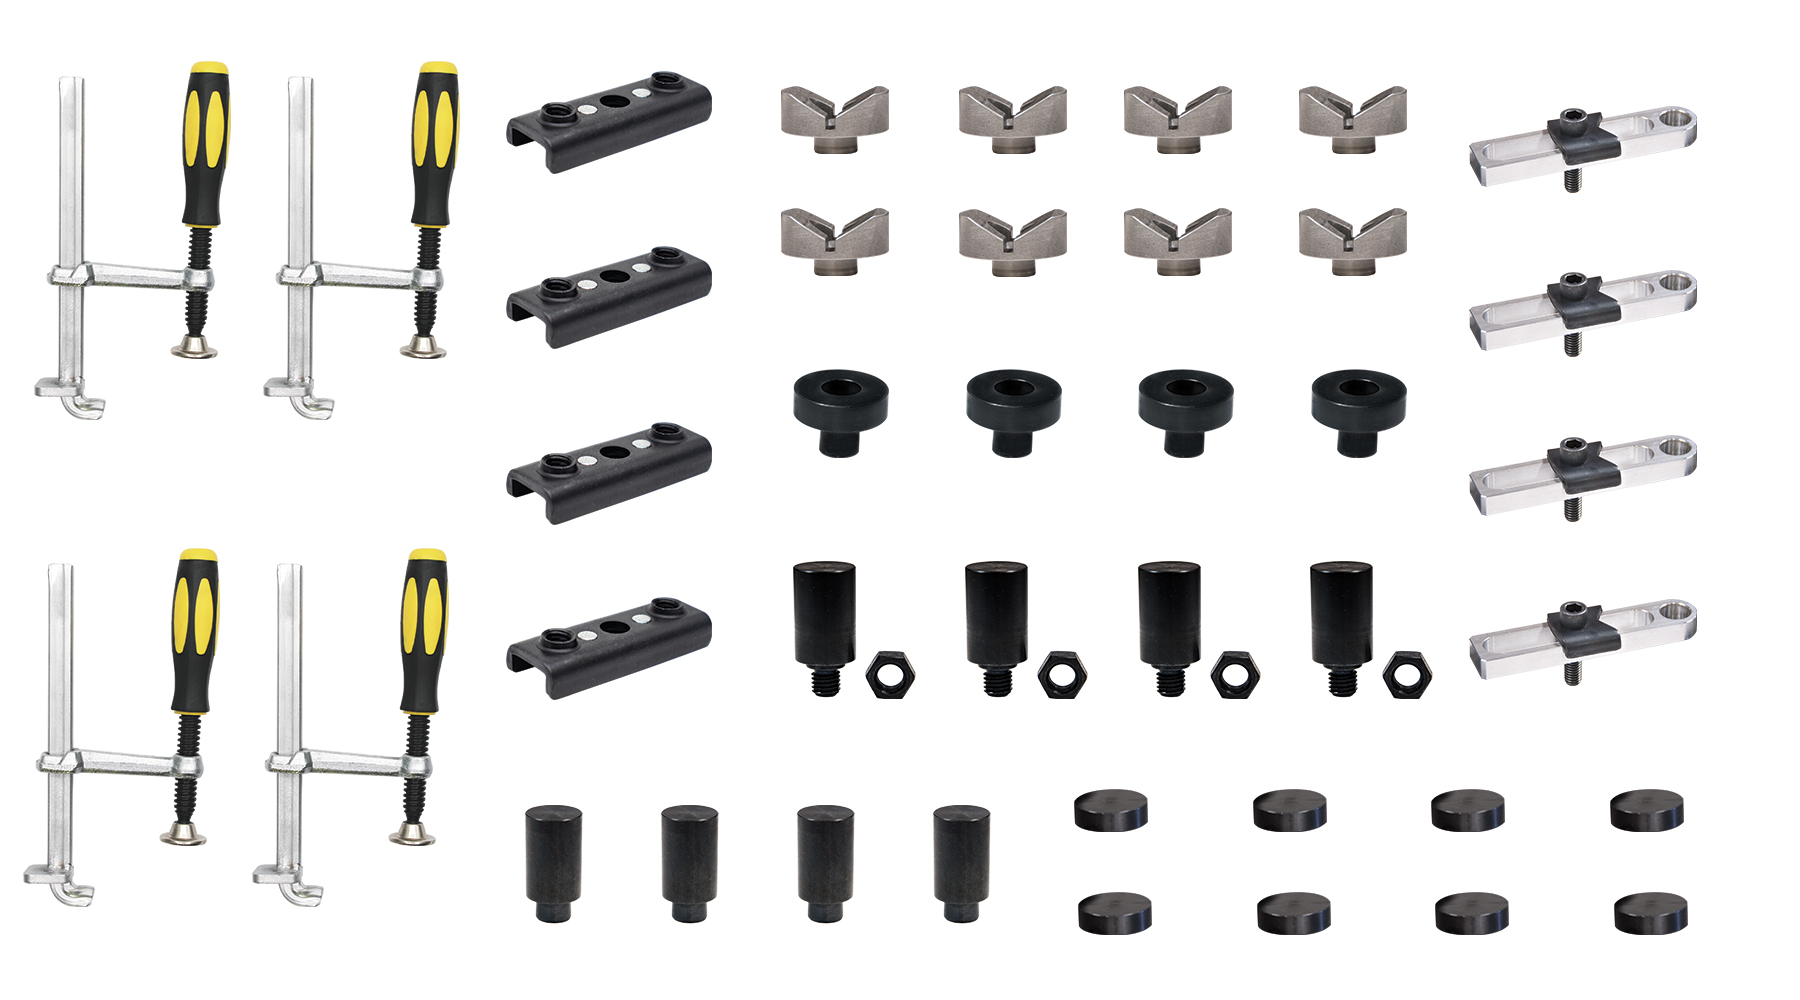 Kit Profesional Masa Sudura + 40 Accesorii pentru fixarea a patru tevi rotunde / patrate FixturePoint